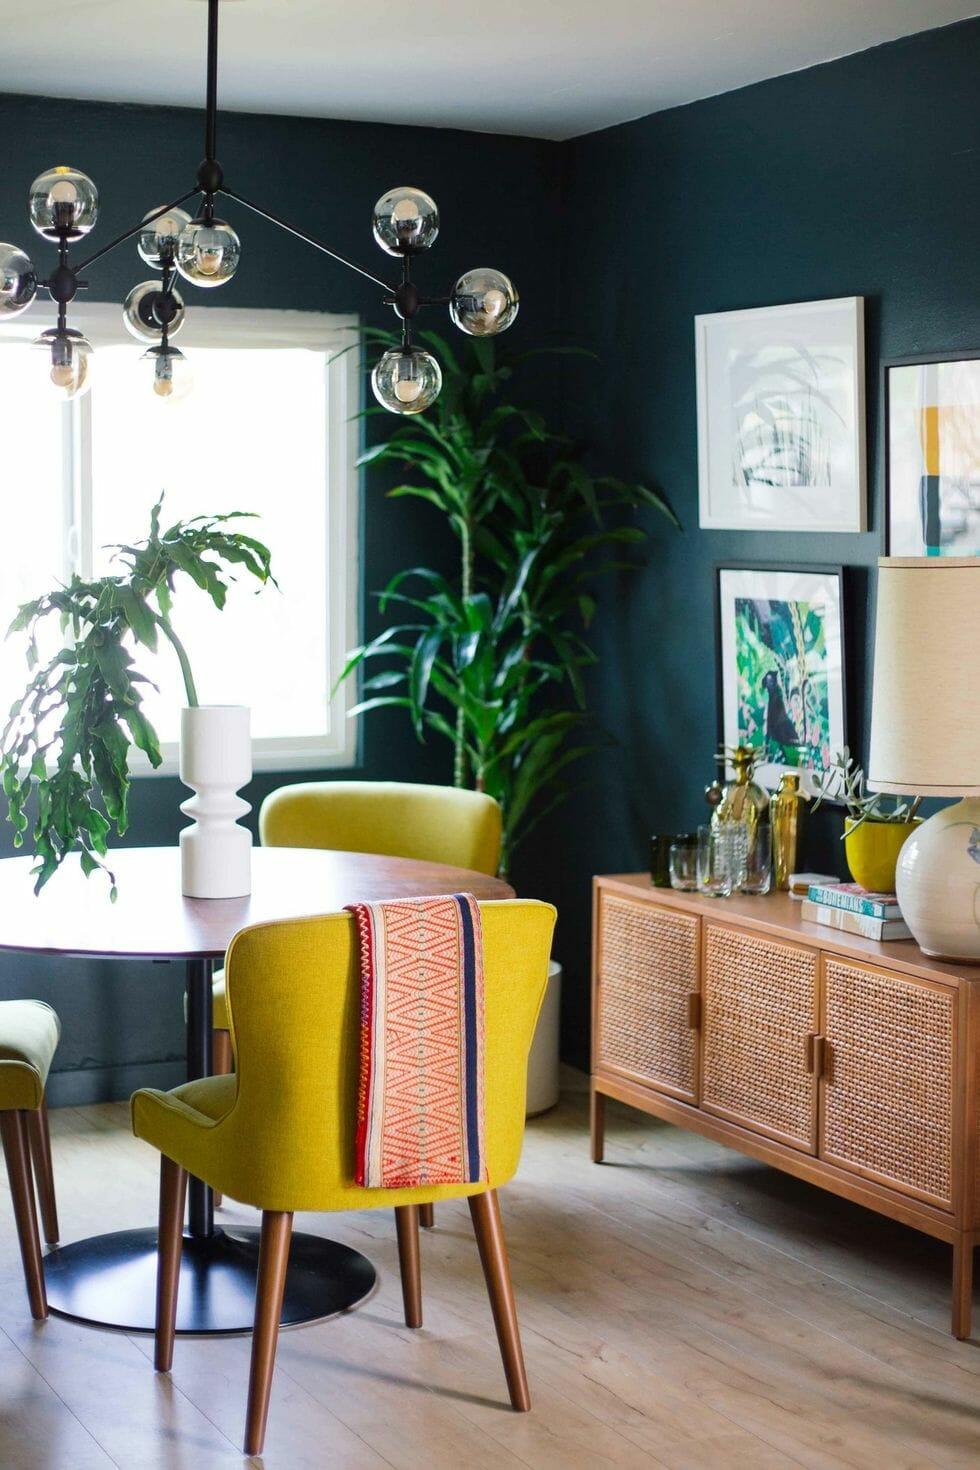 hình ảnh phòng ăn với tường sơn màu xanh mòng két, bàn ăn tròn, ghế vàng, đèn thả thủy tinh, tủ gỗ, tranh treo tường, cây xanh trang trí